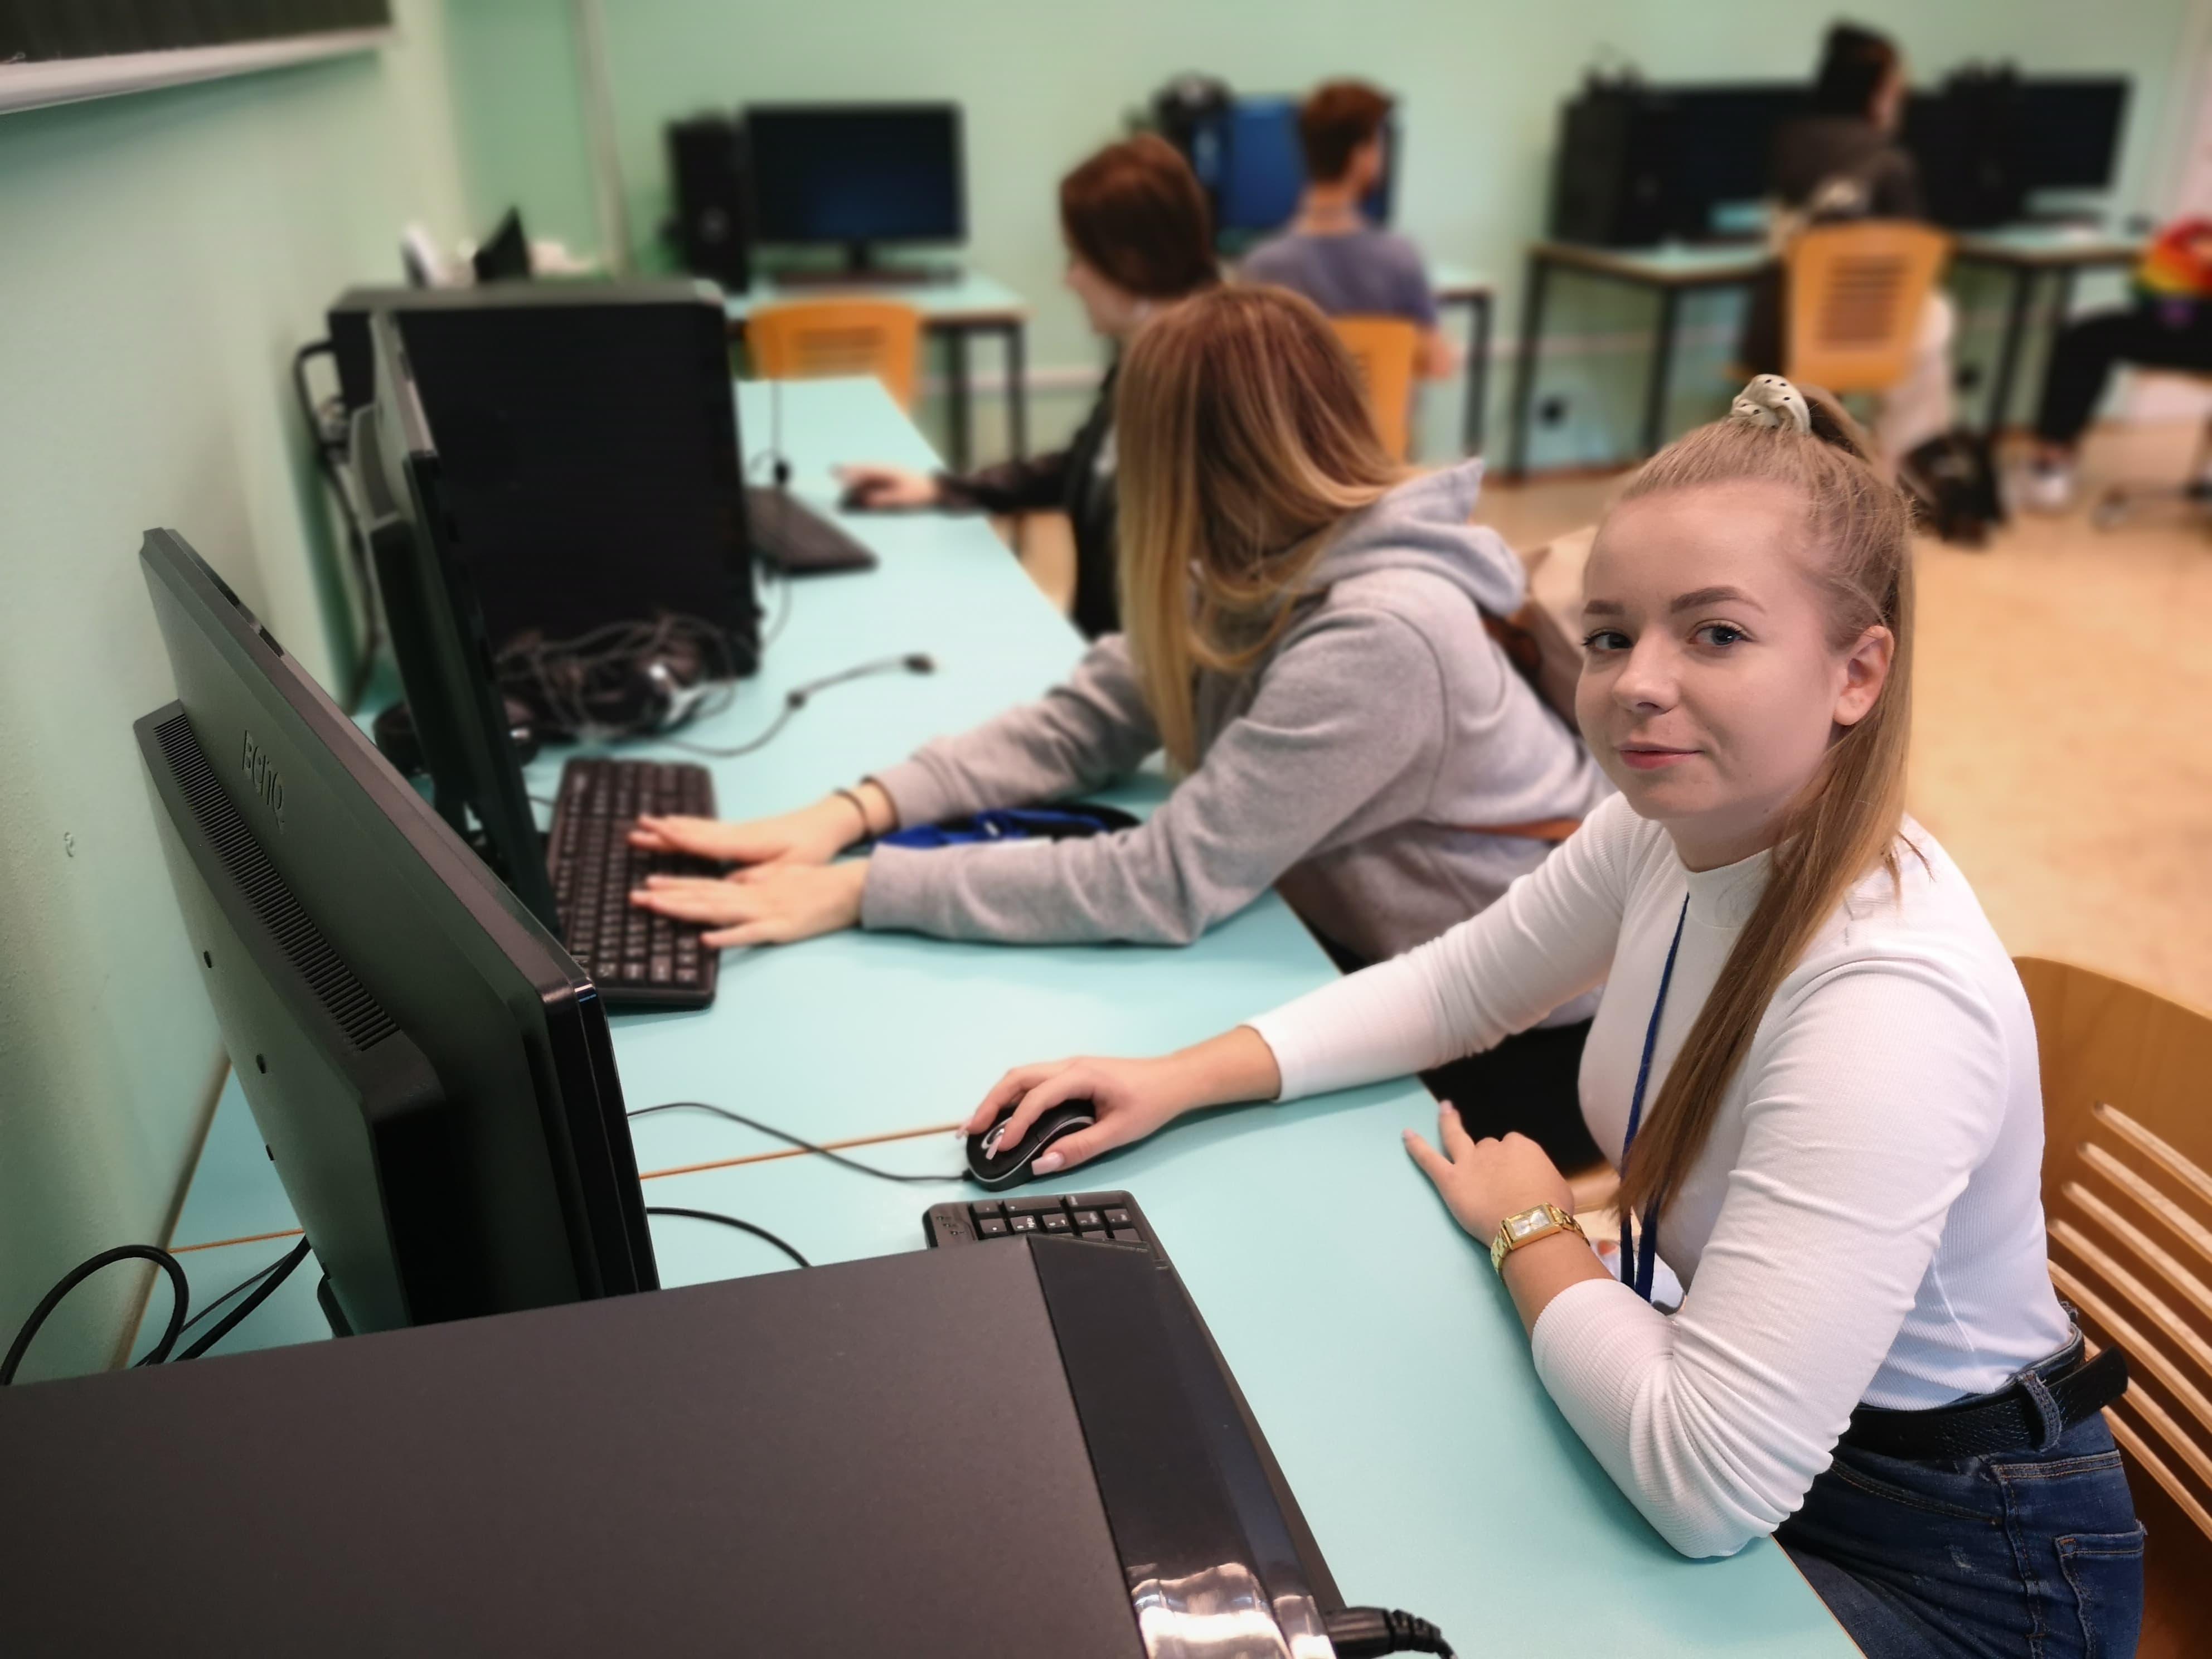 Uczniowie rozwijają własne fikcyjne firmy